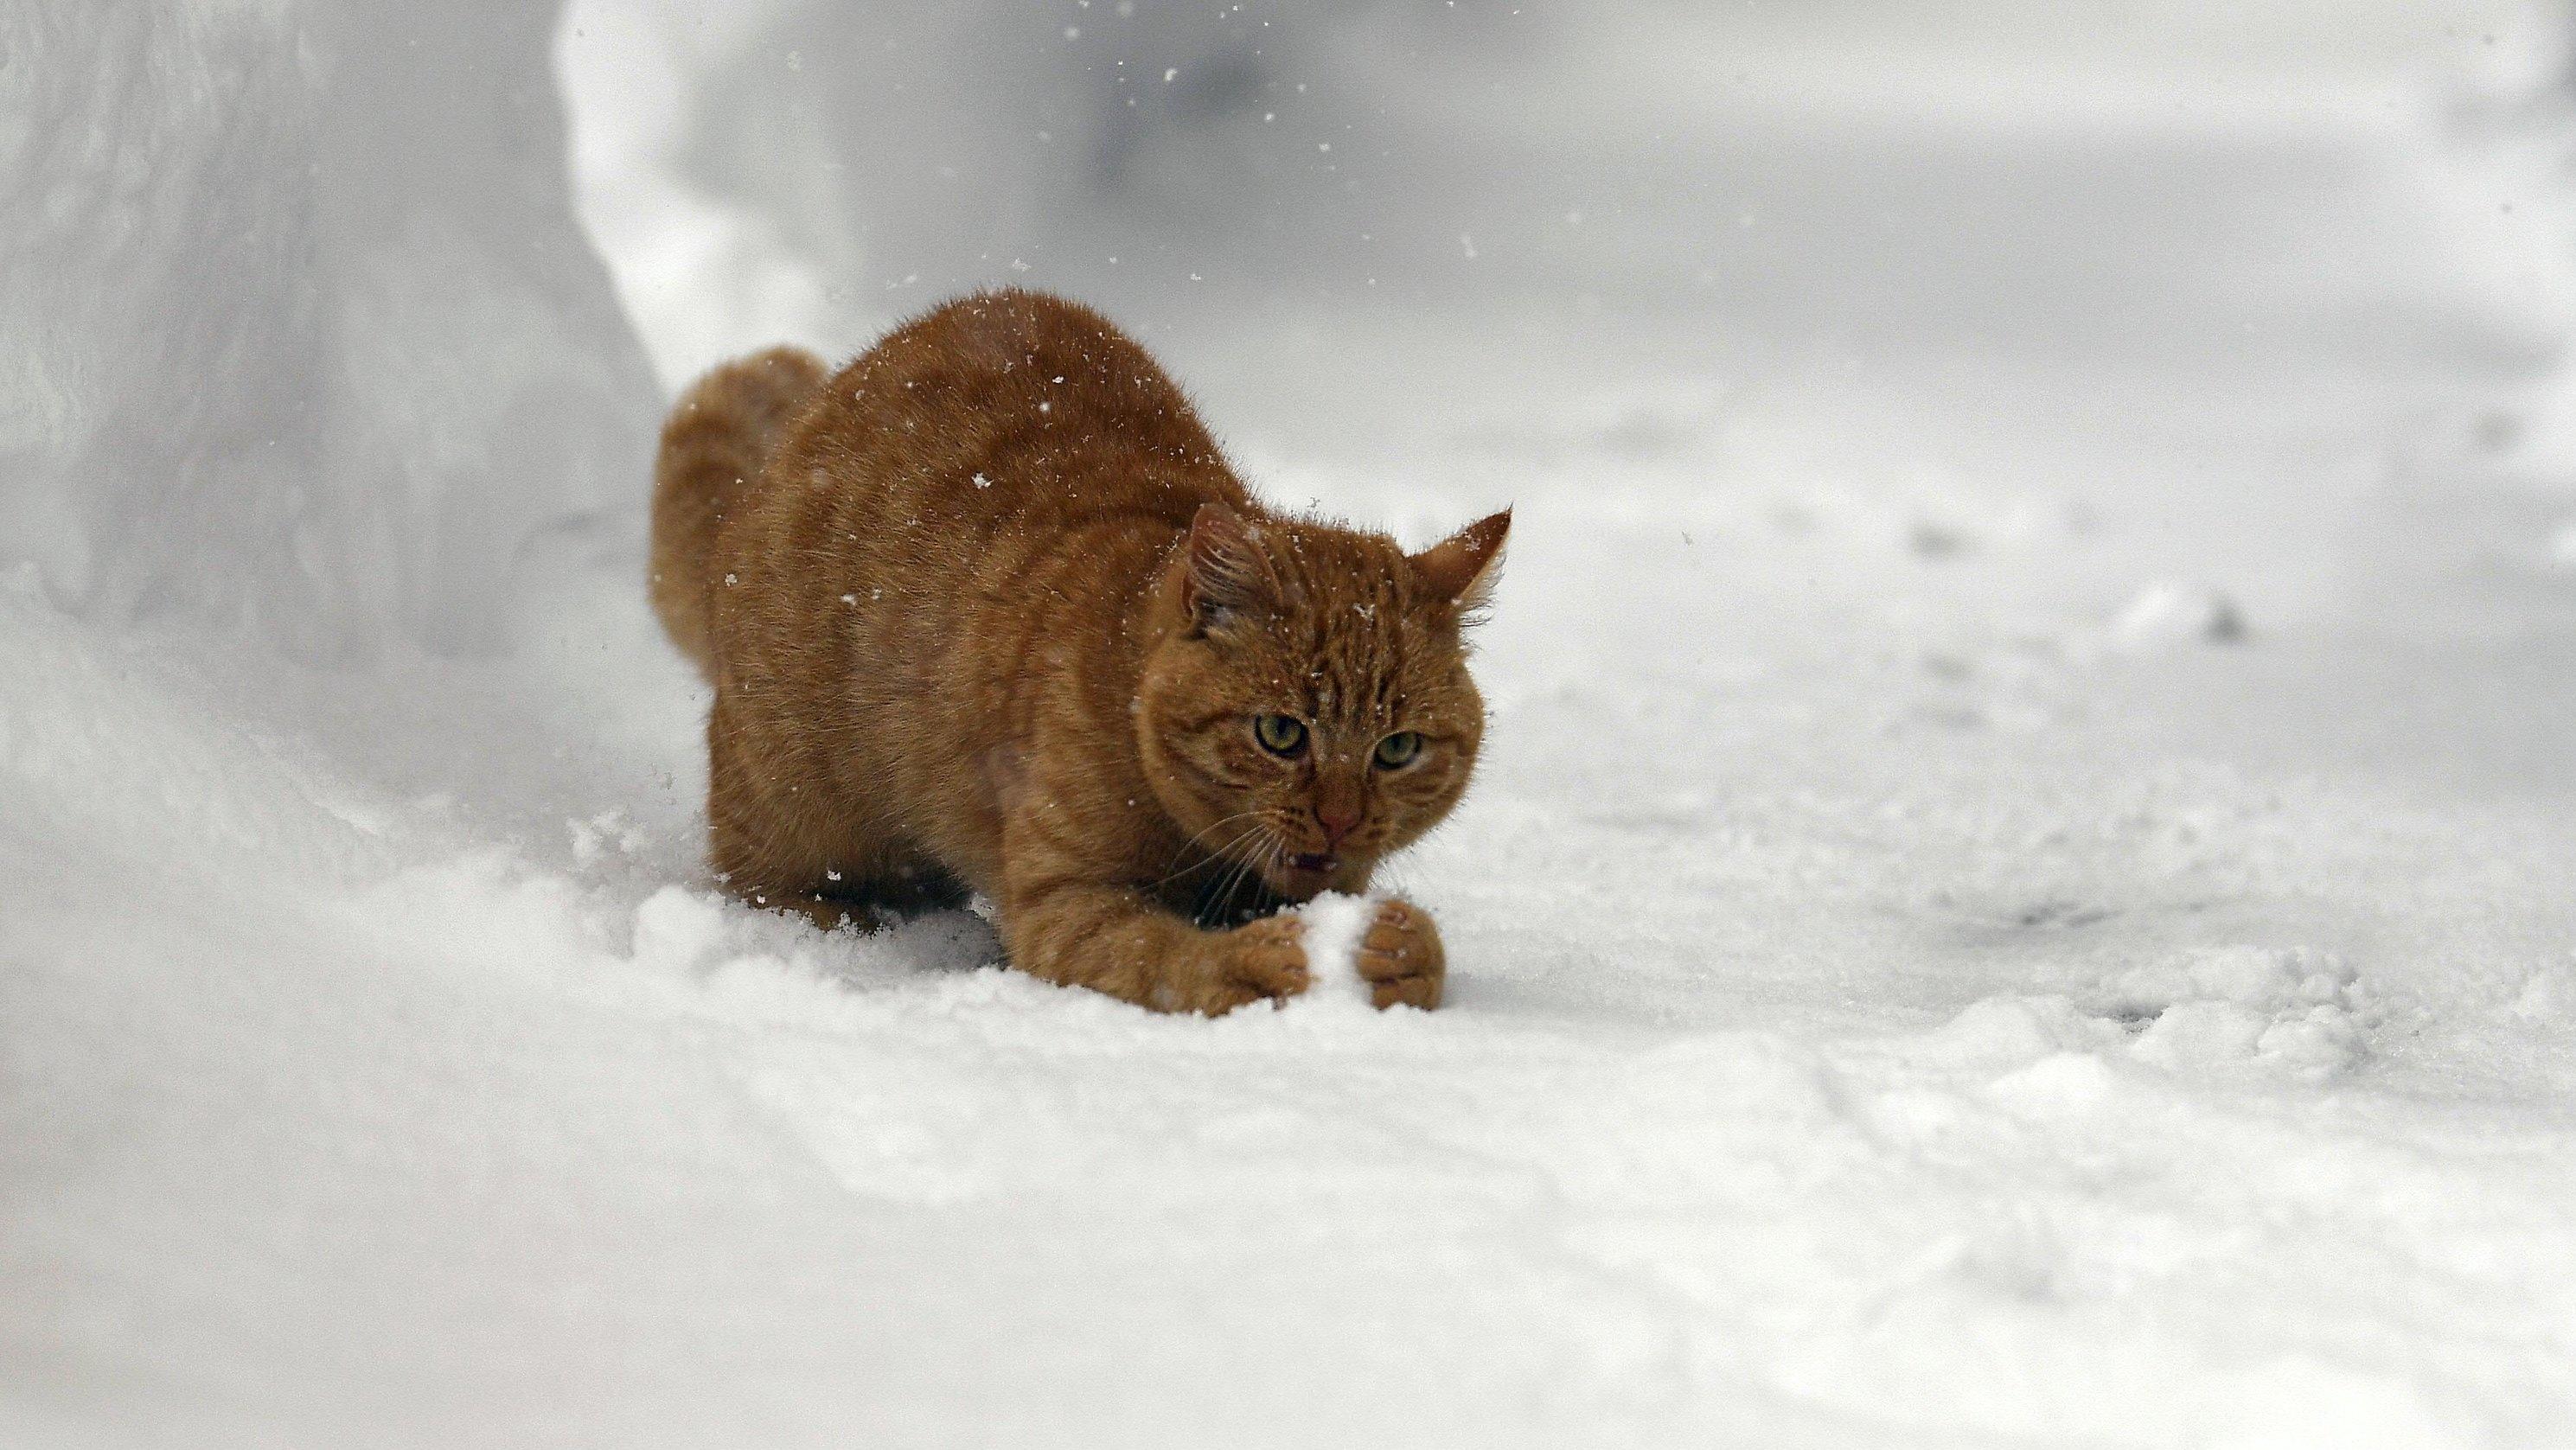 Österreich, Raumsau: Eine Katze spielt im Schnee